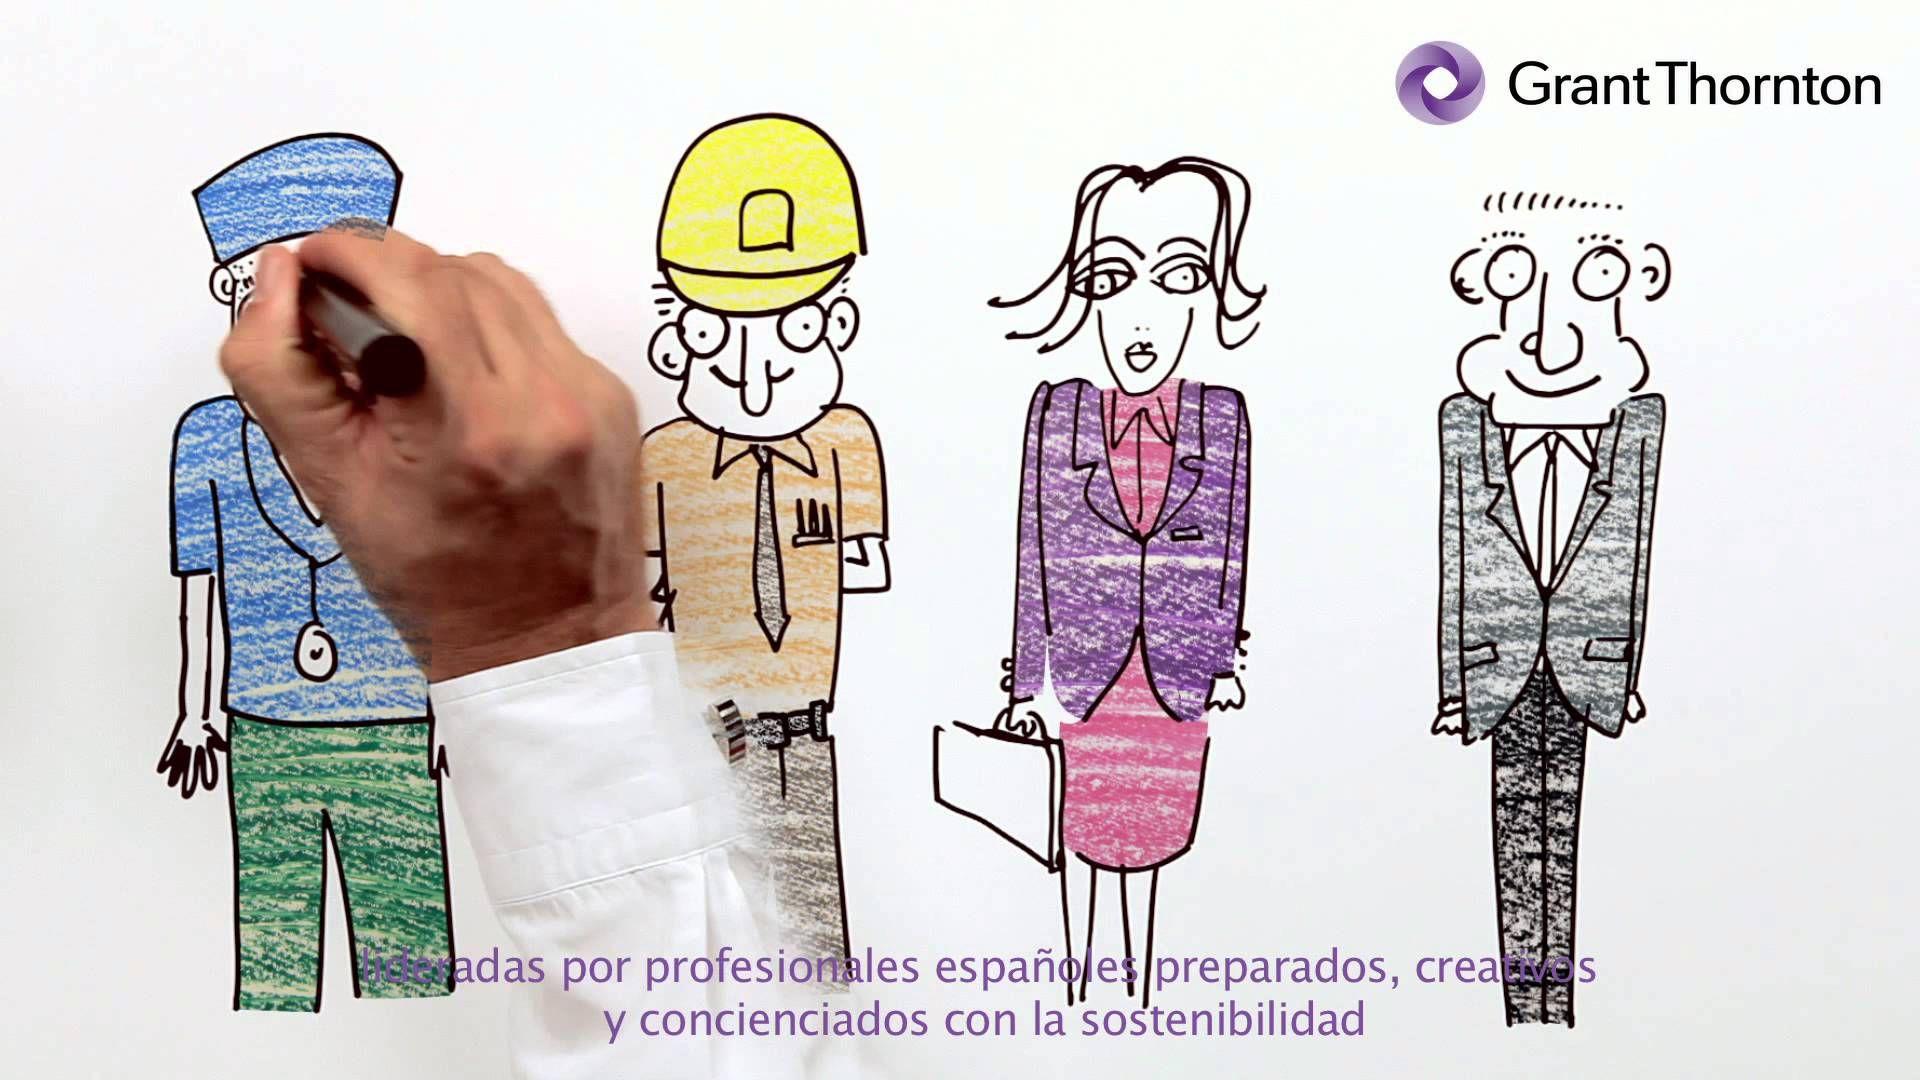 La auditora financiera Grant Thornton ideó un vídeo corporativo en el que explicó las bondades de España.